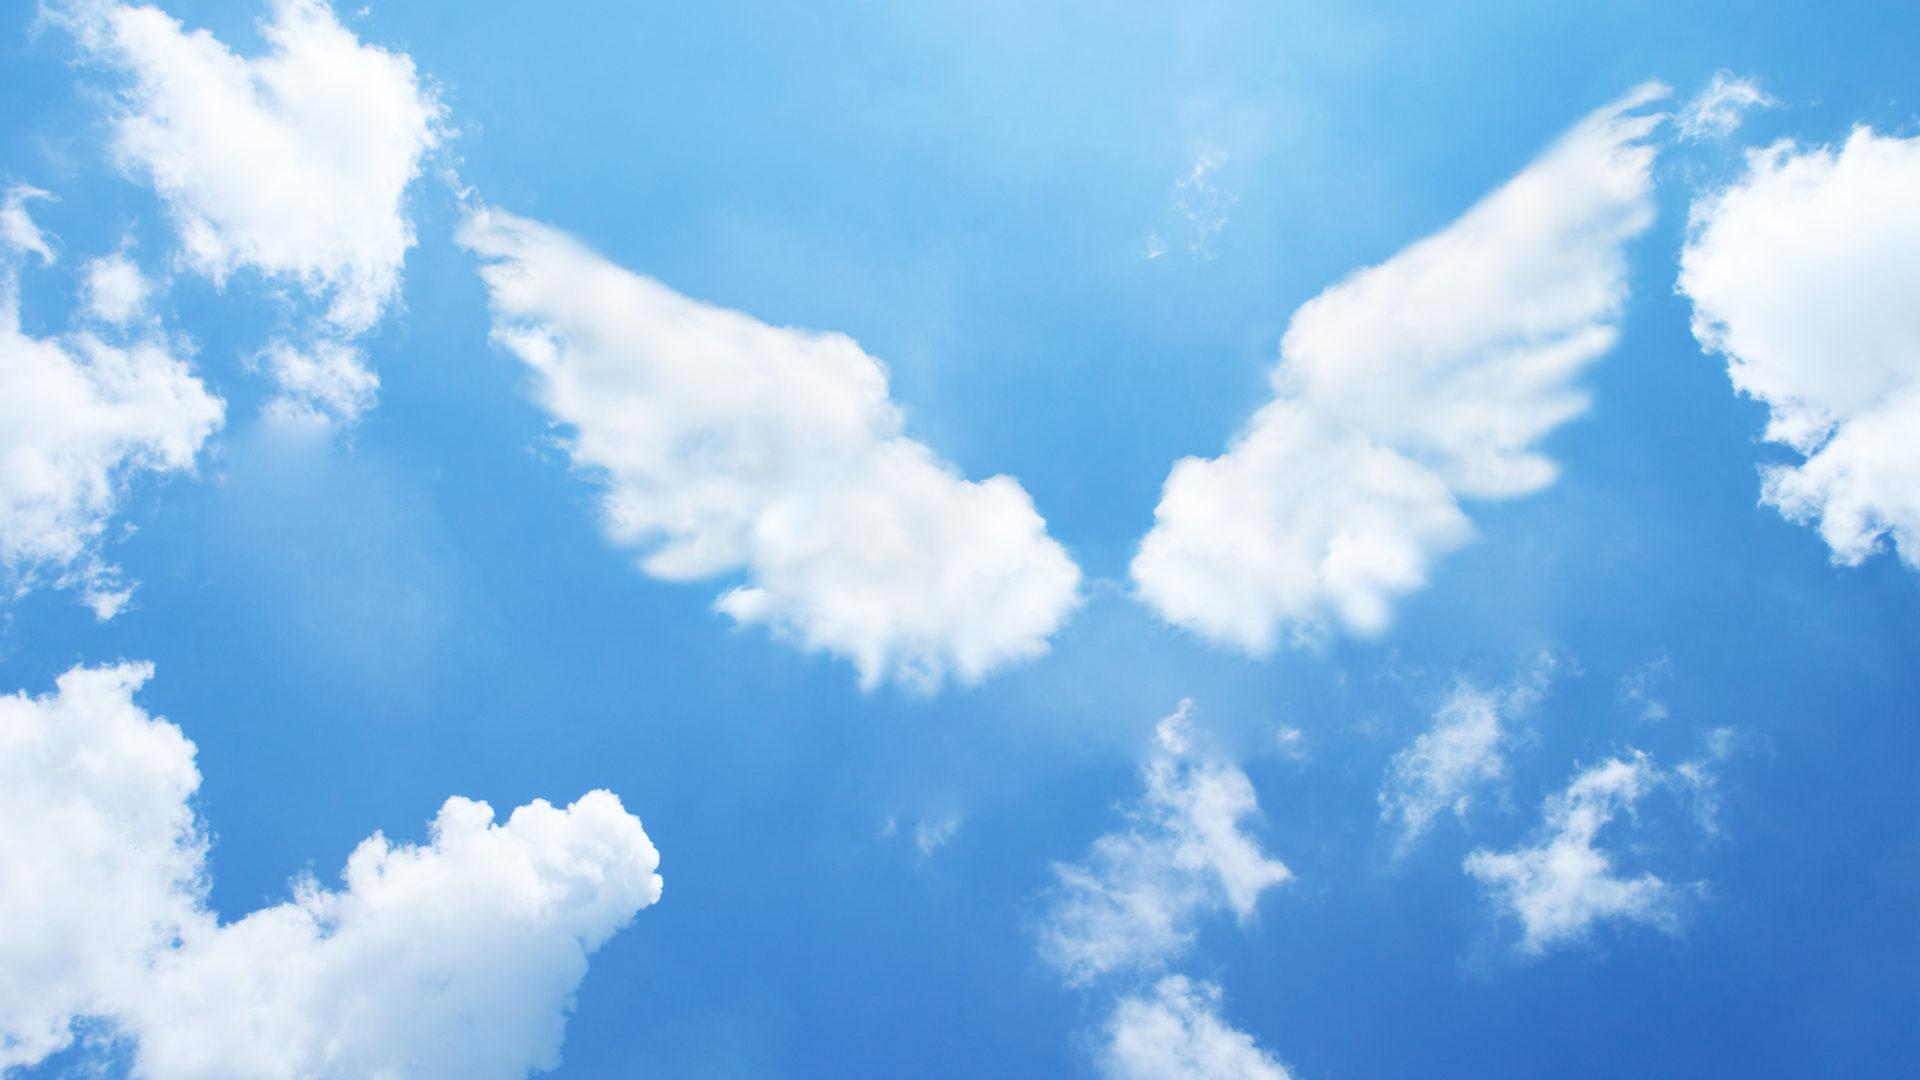 Engel gibt es überall e.V.